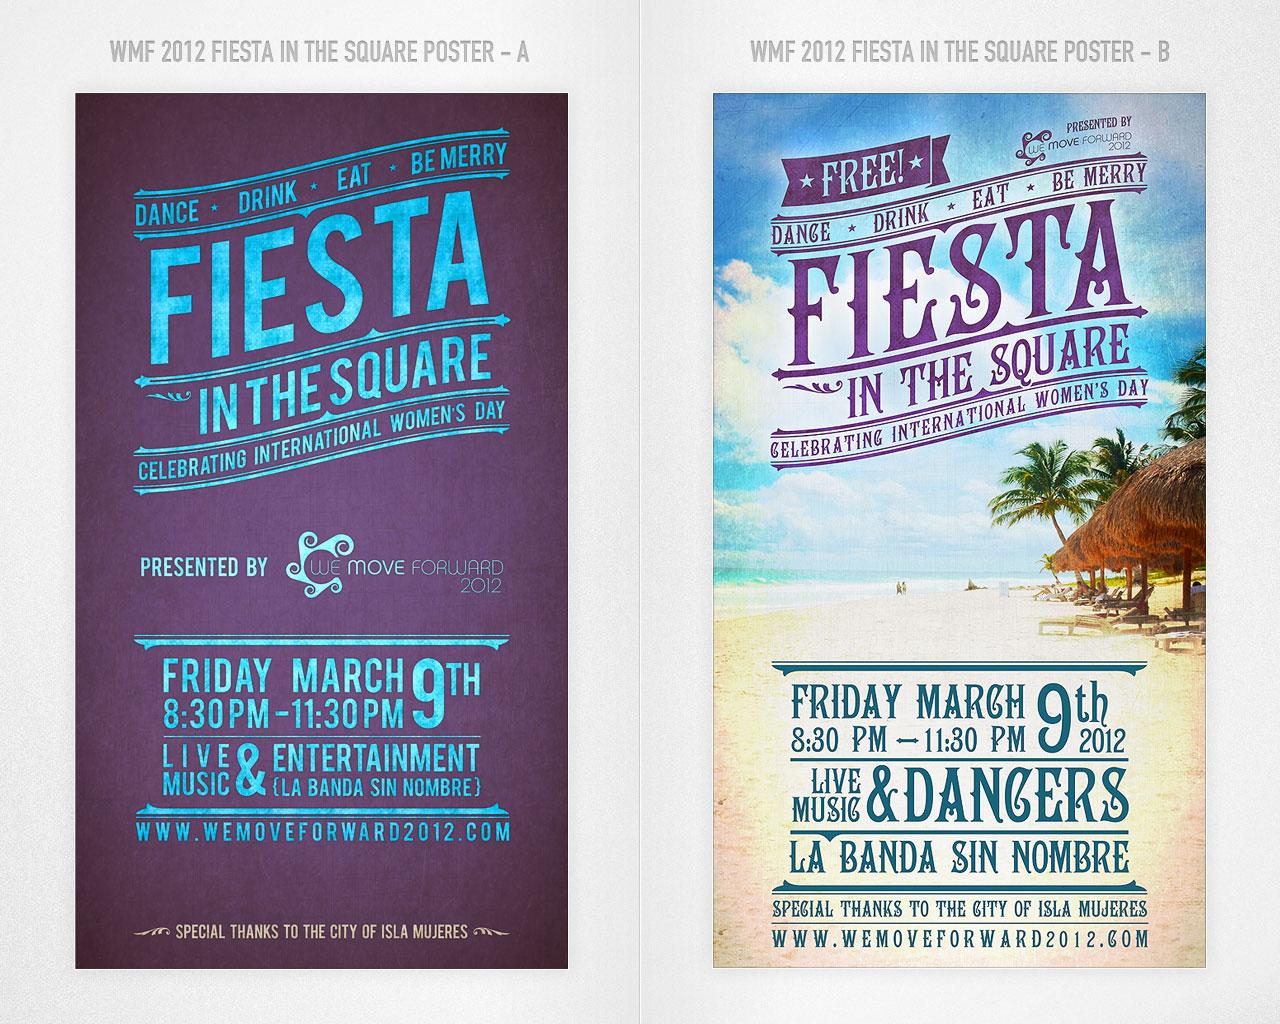 wmf_fiesta_posters